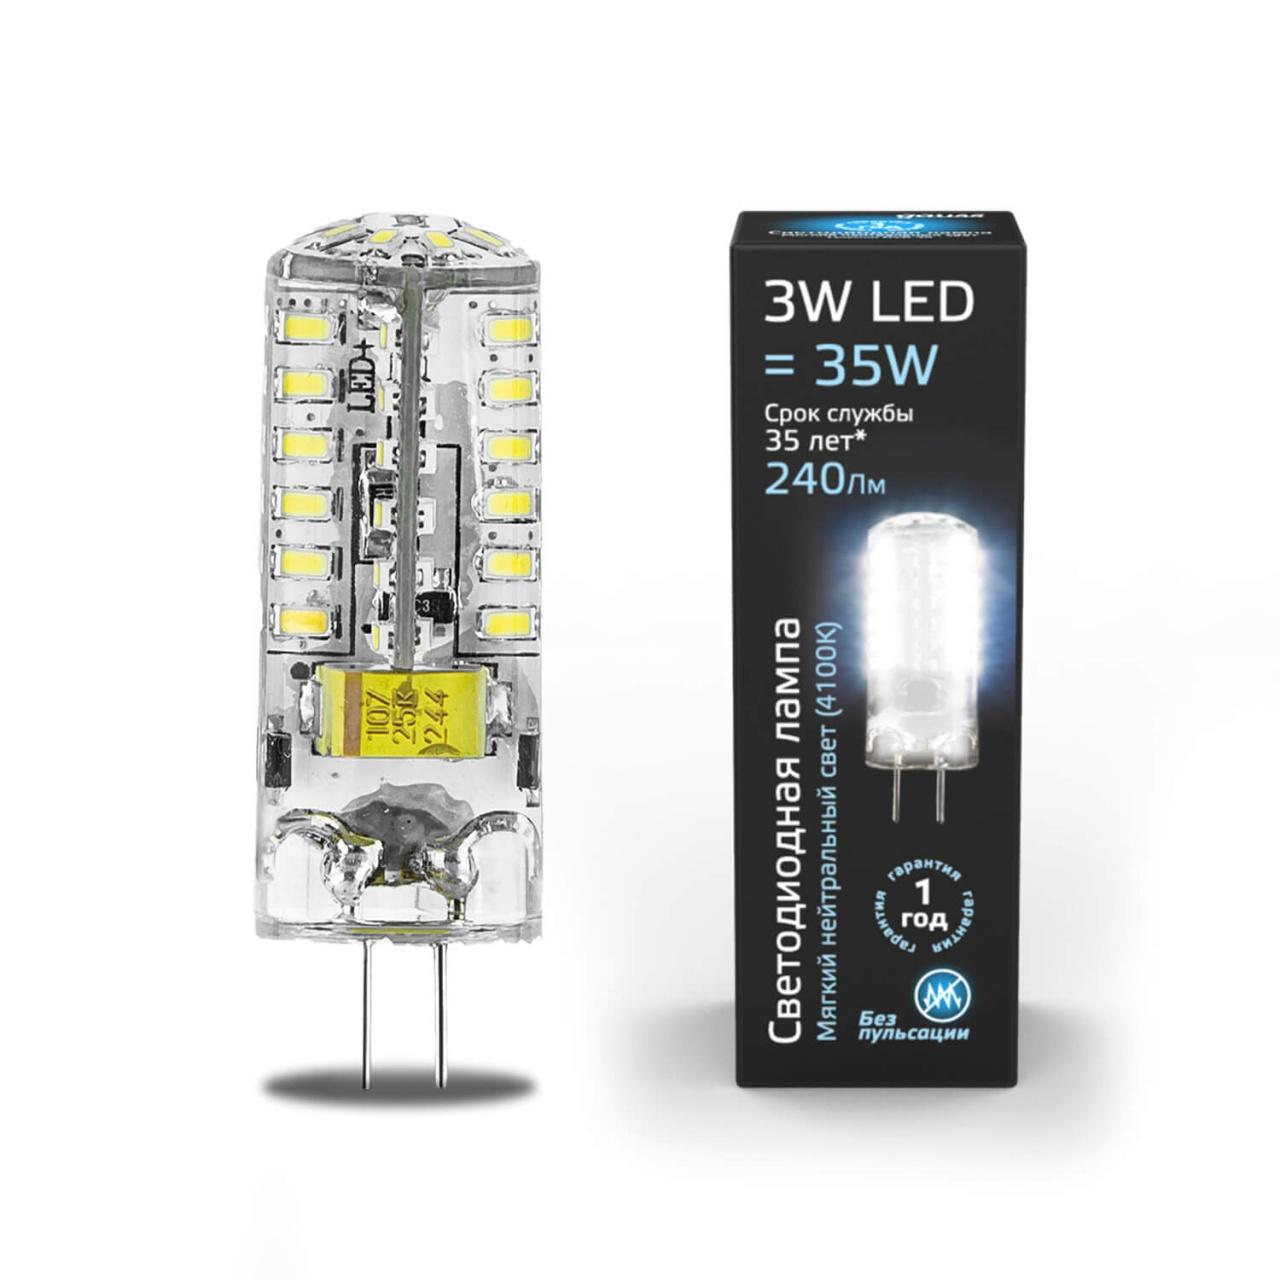 Лампа светодиодная Gauss GY6.35 3W 4100K прозрачная 107719203 gauss лампа светодиодная gauss капсула прозрачная g4 3w 12v 4100k 207707203